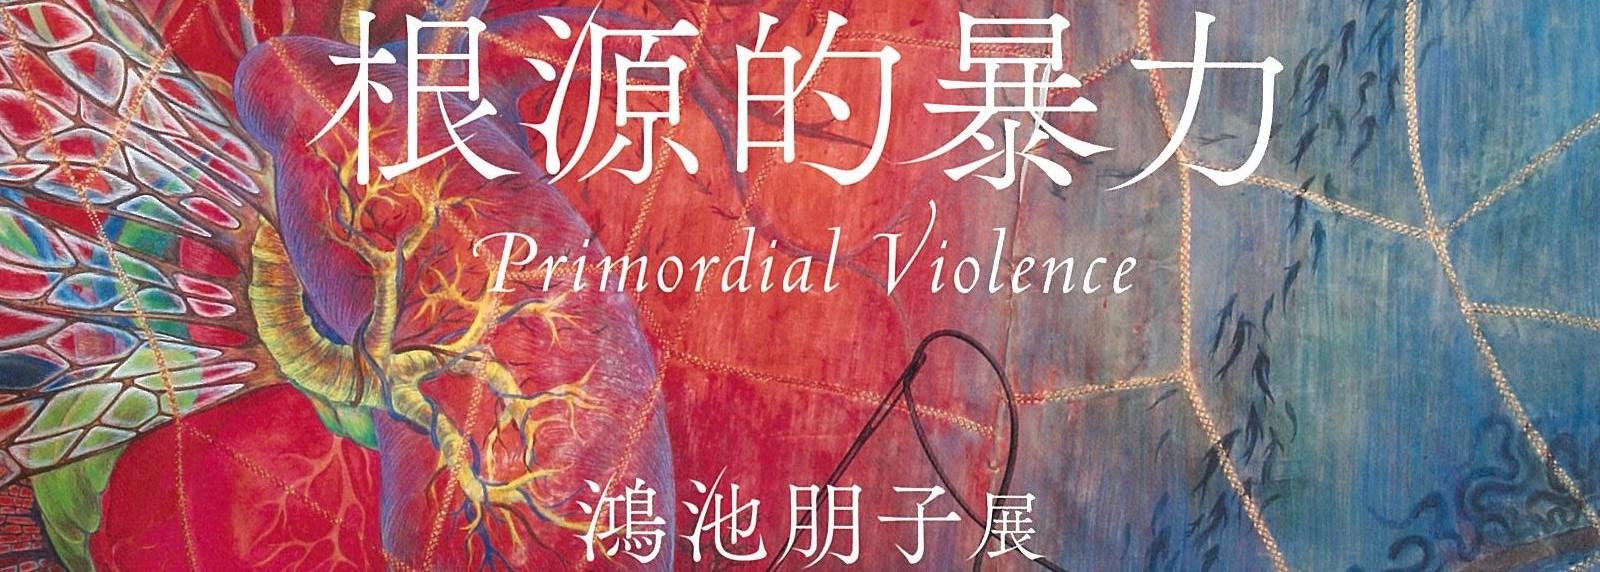 アートの捉え方を揺るがす作品! 鴻池朋子展「根源的暴力」@神奈川県民ホールギャラリー